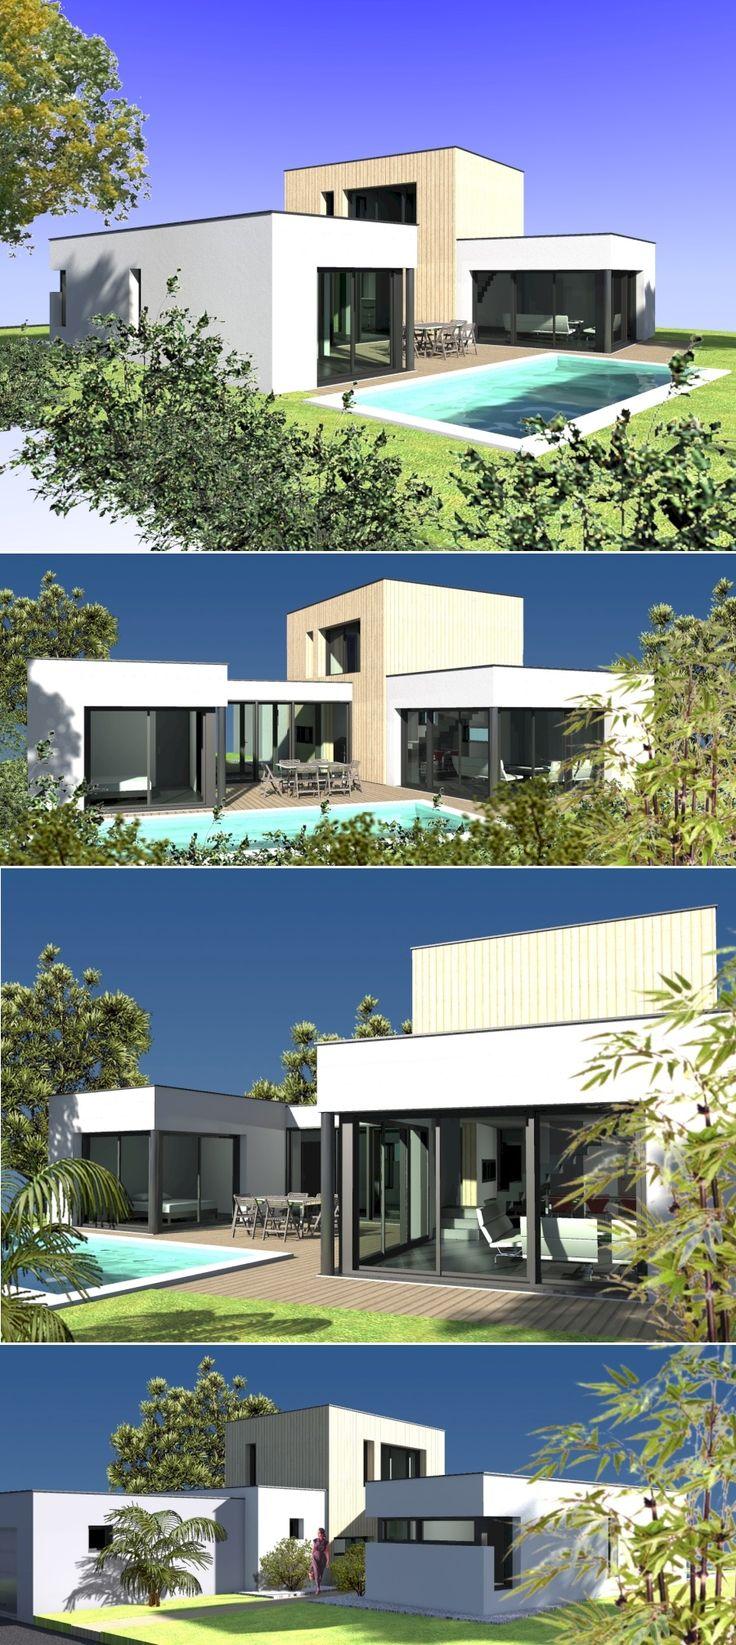 Best 20 plan maison contemporaine ideas on pinterest plans maison contempo - Pente terrasse exterieure ...